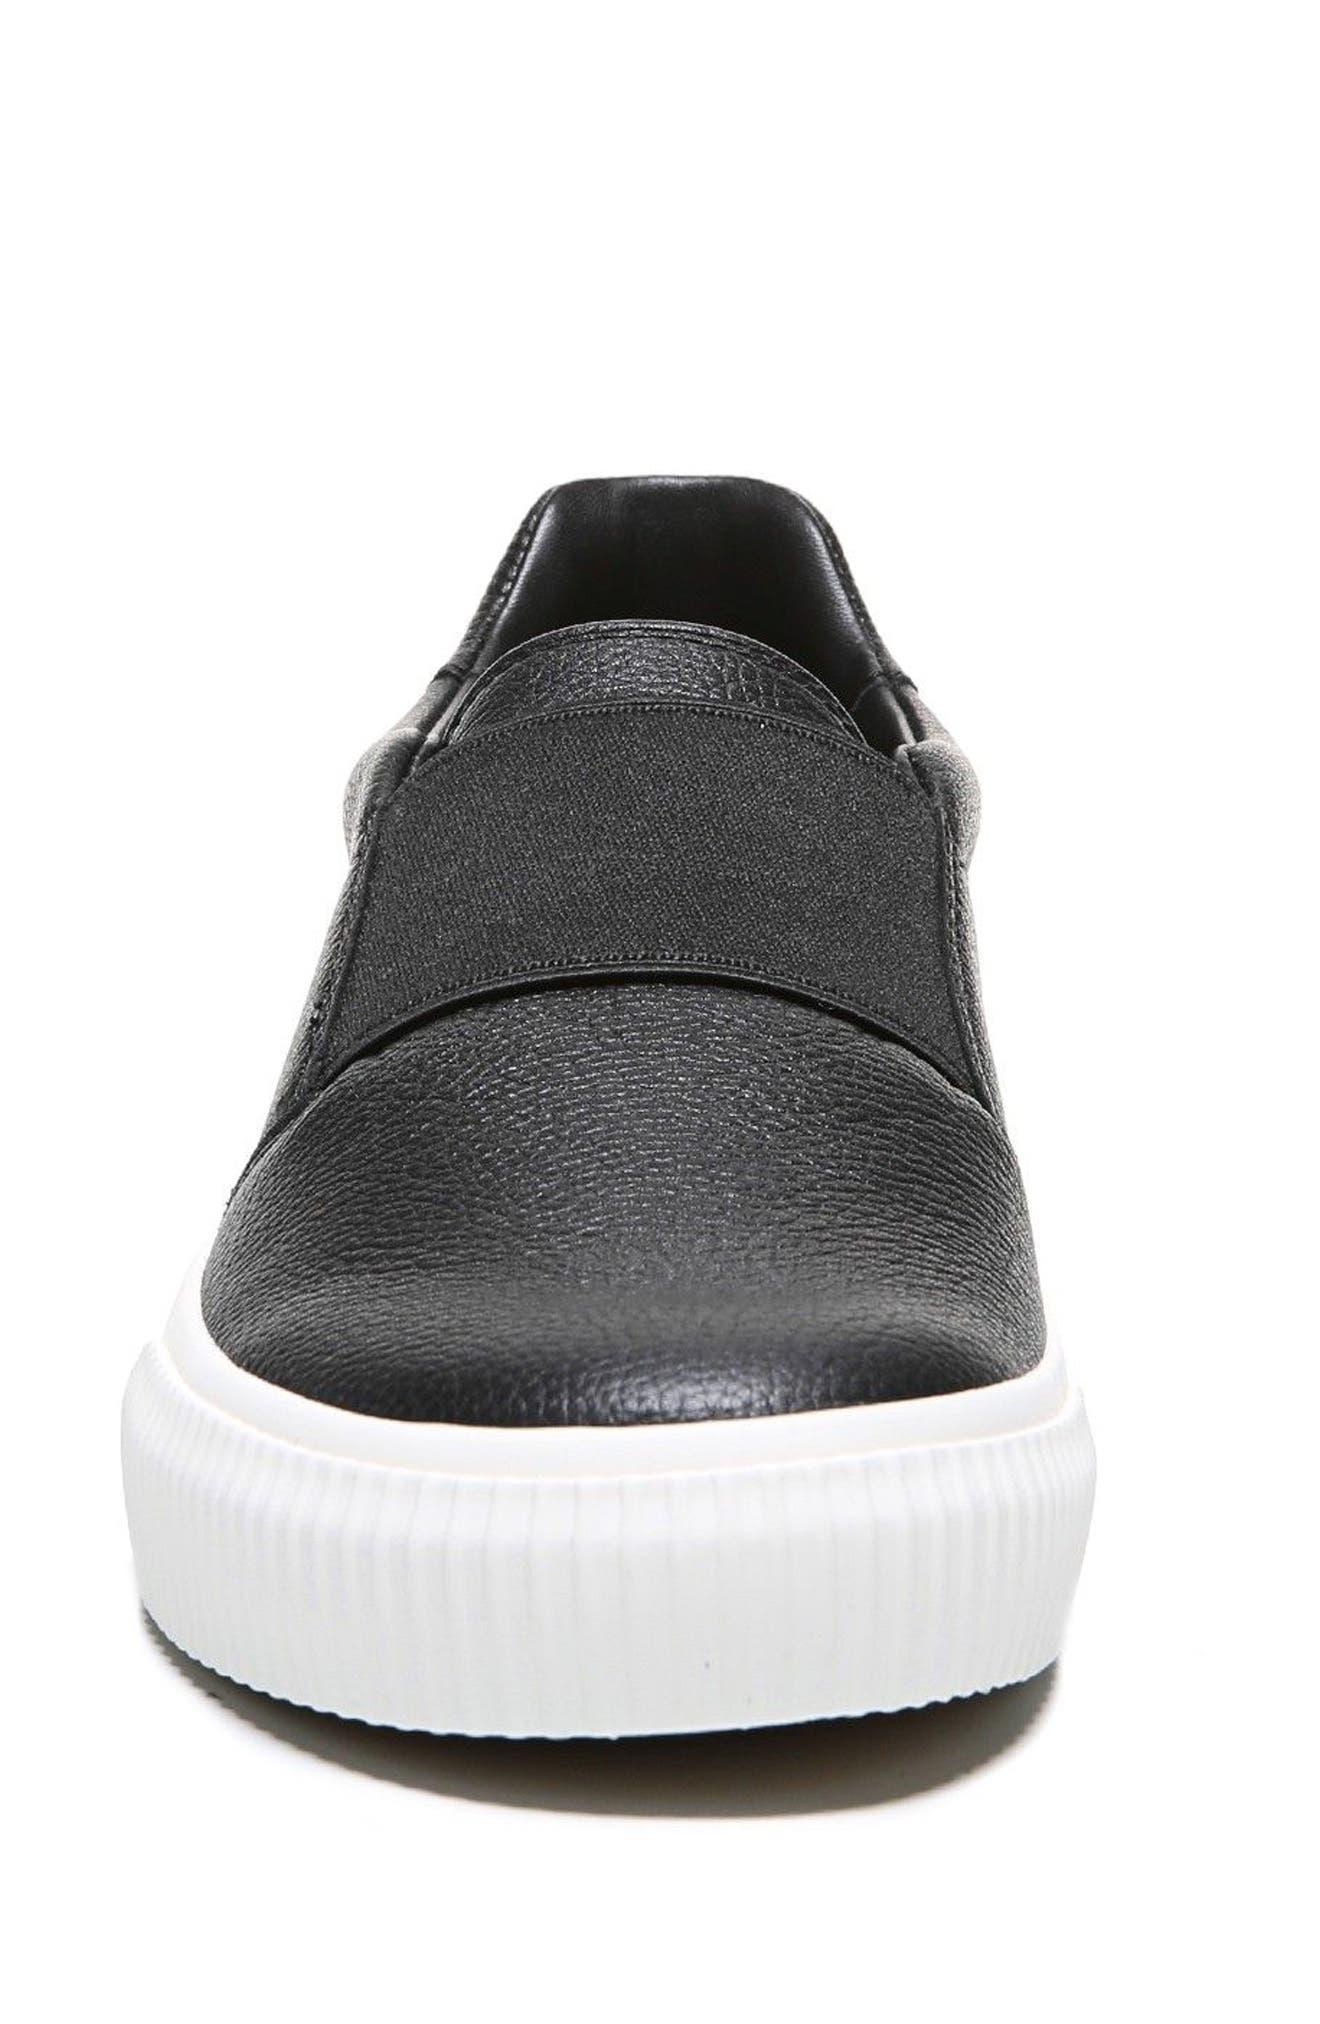 Kirkland Slip-On Sneaker,                             Alternate thumbnail 4, color,                             001